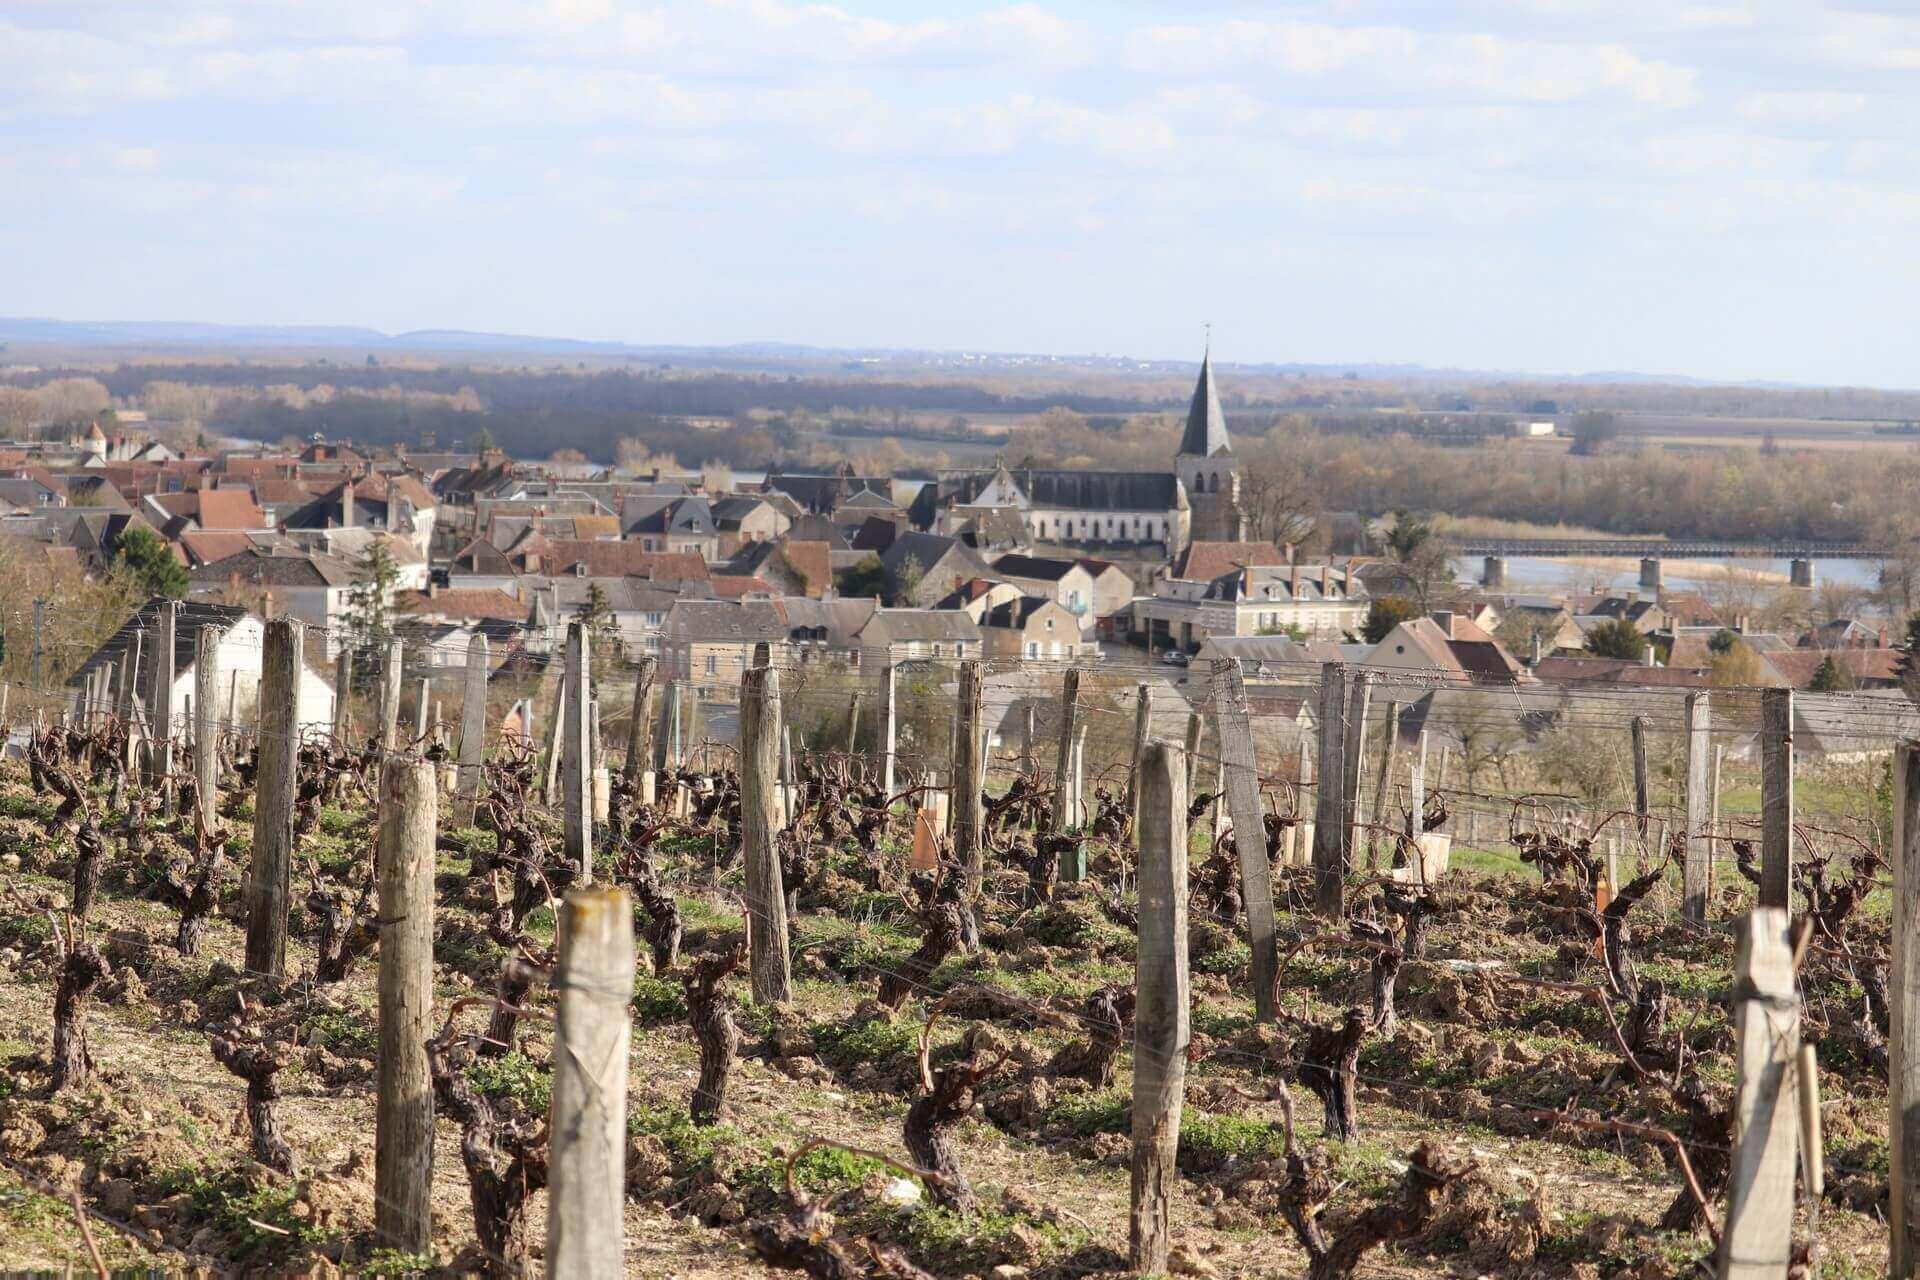 Le vignoble de Pouilly-Fumé, situé en Bourgogne-Franche-Comté